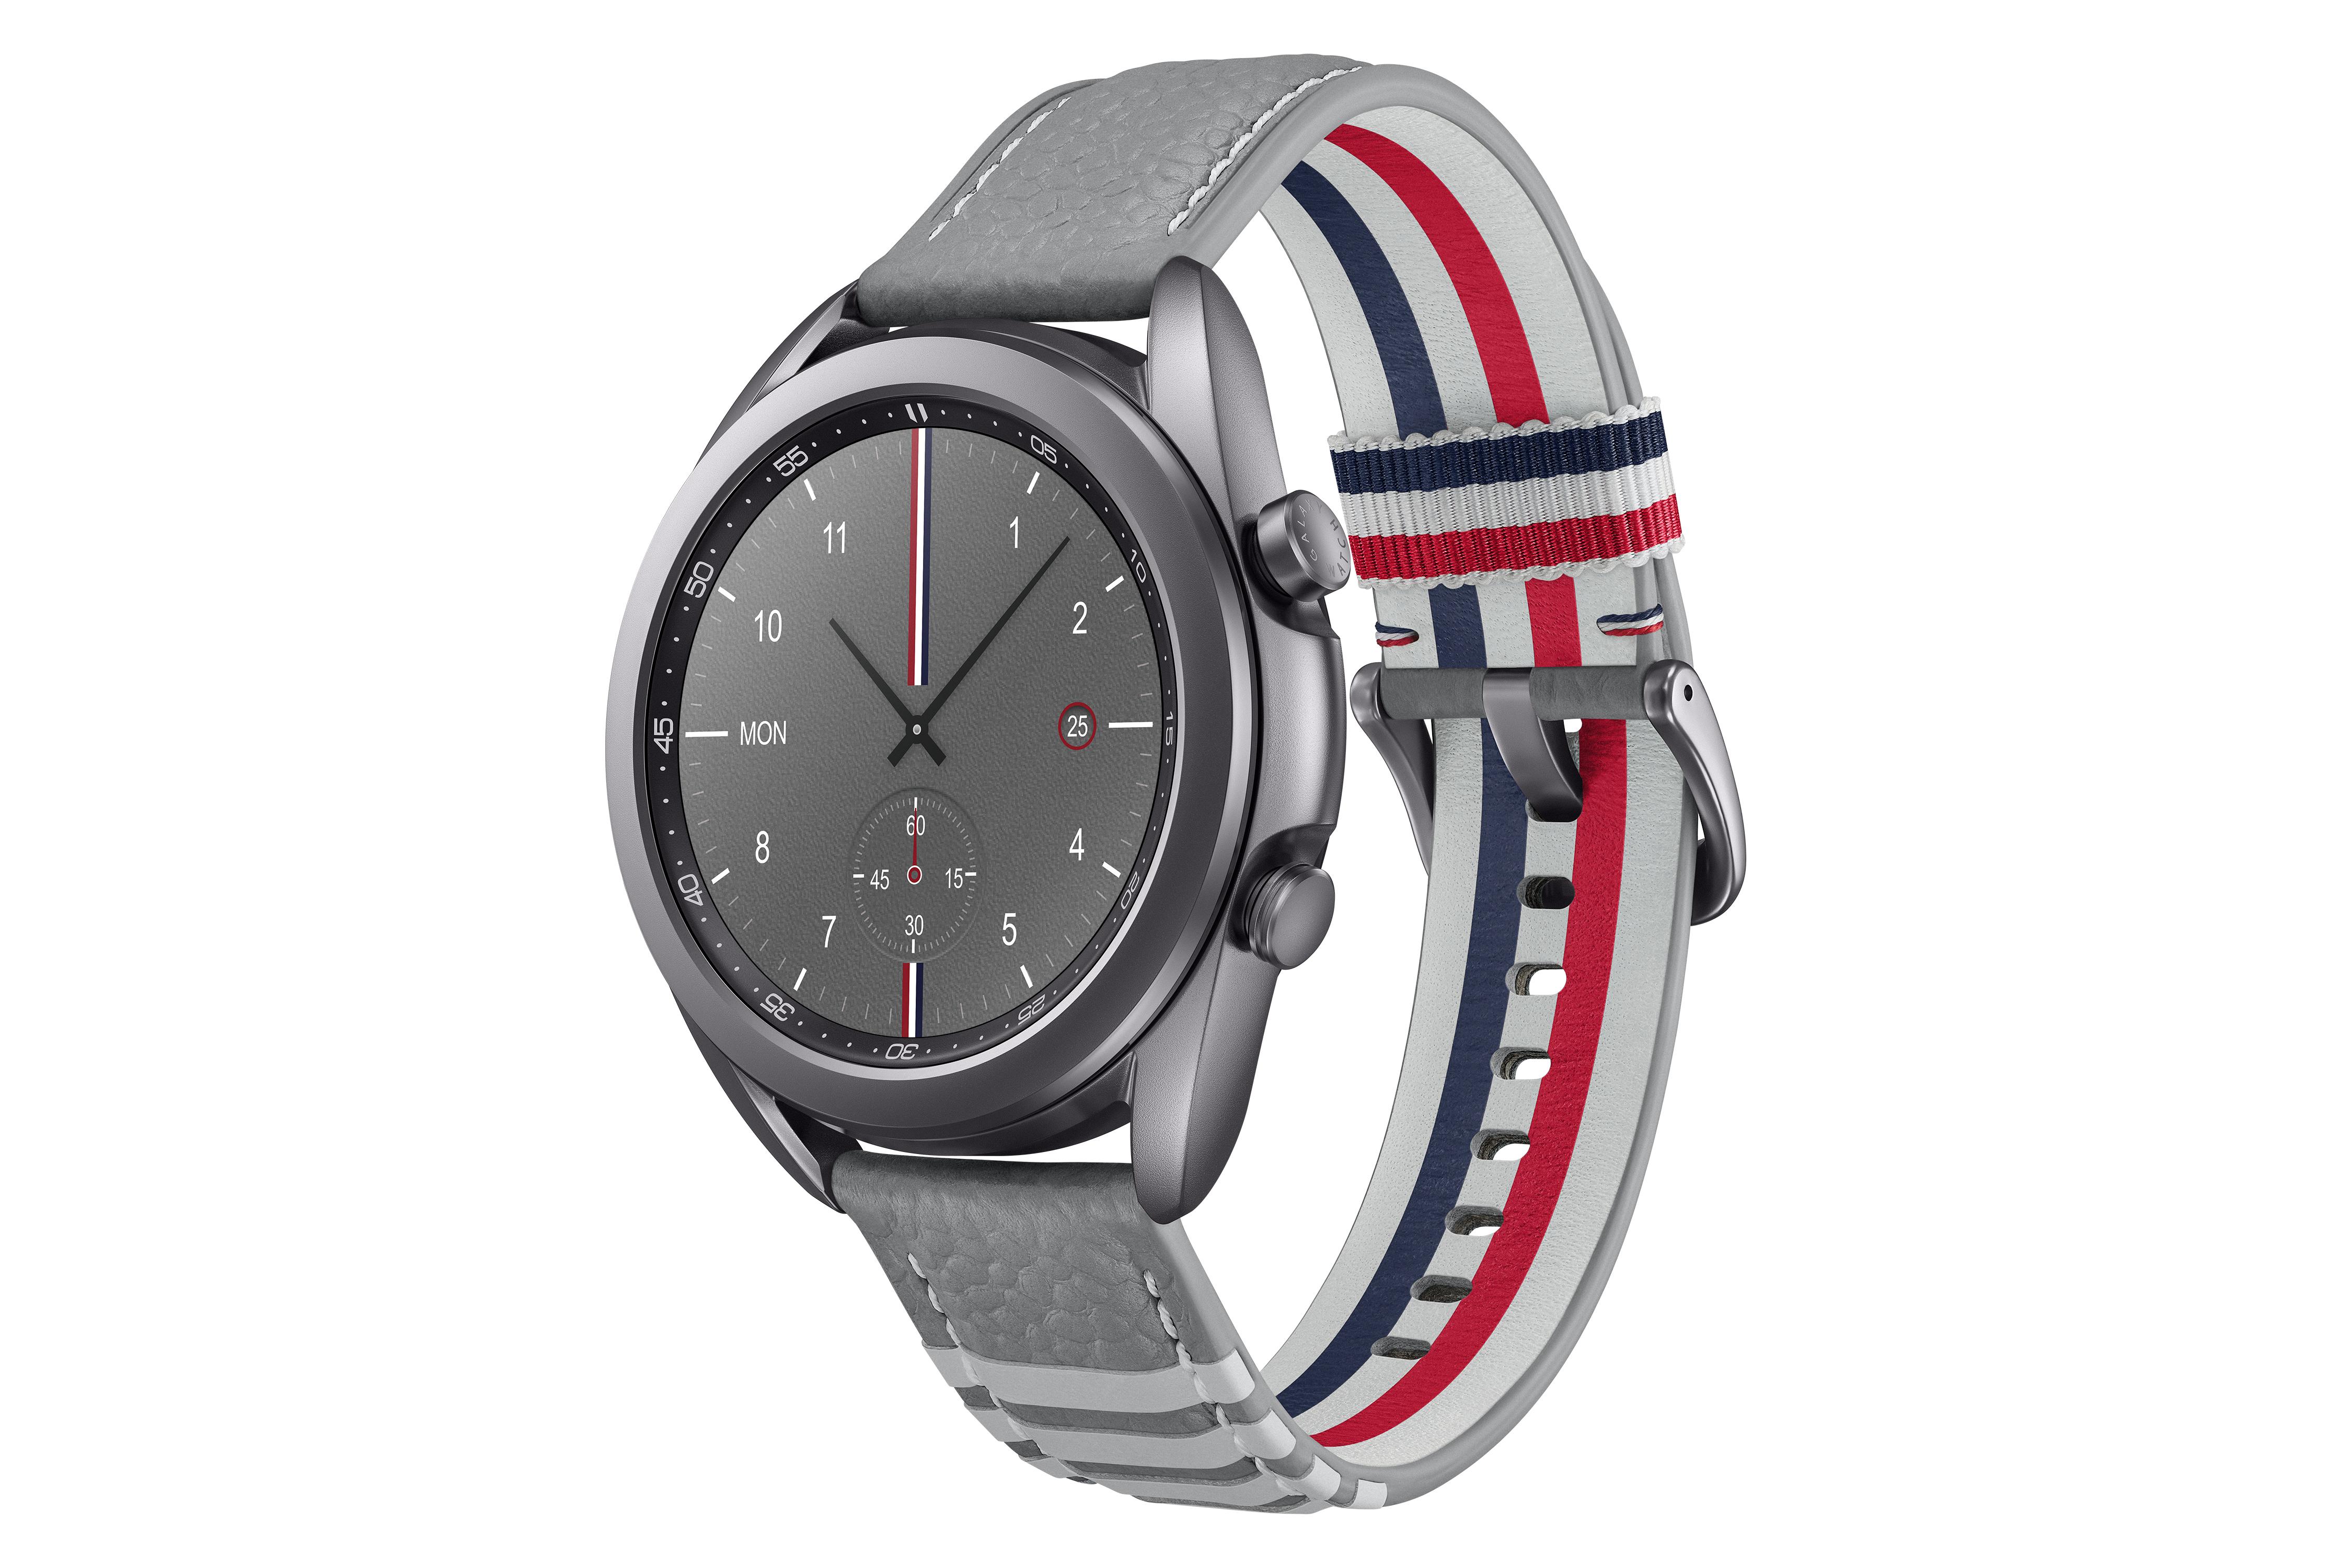 Galaxy Watch3 - Thom Browne Edition